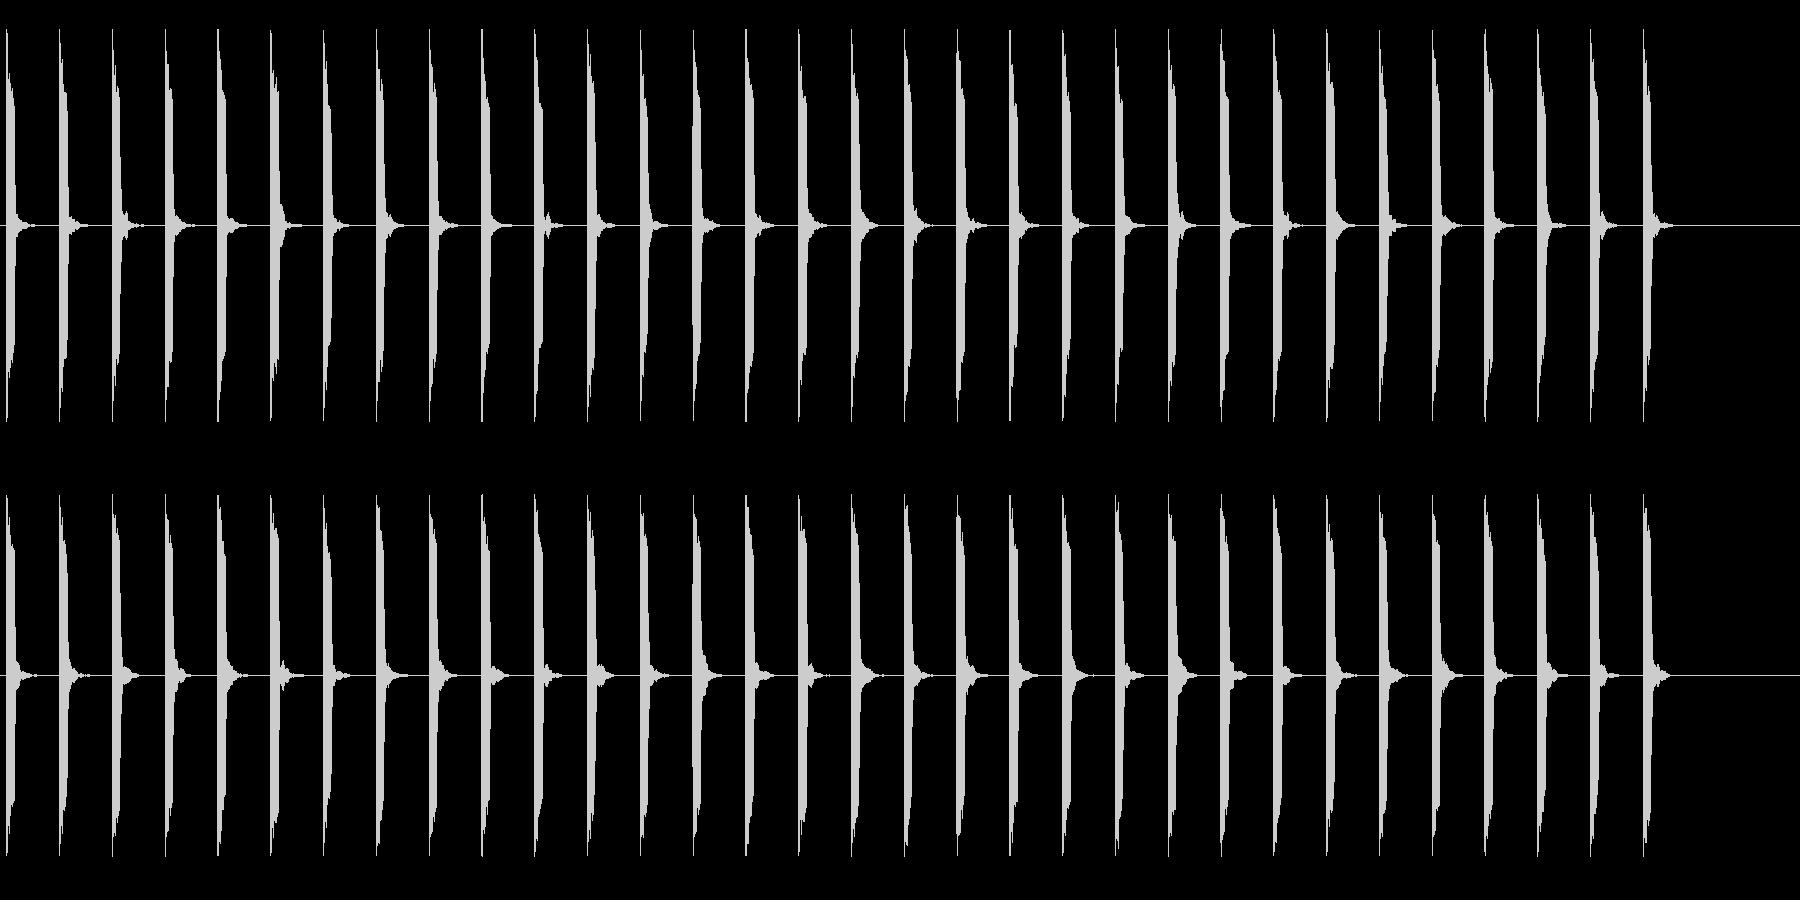 心電図の音-4-4(BPM70)の未再生の波形